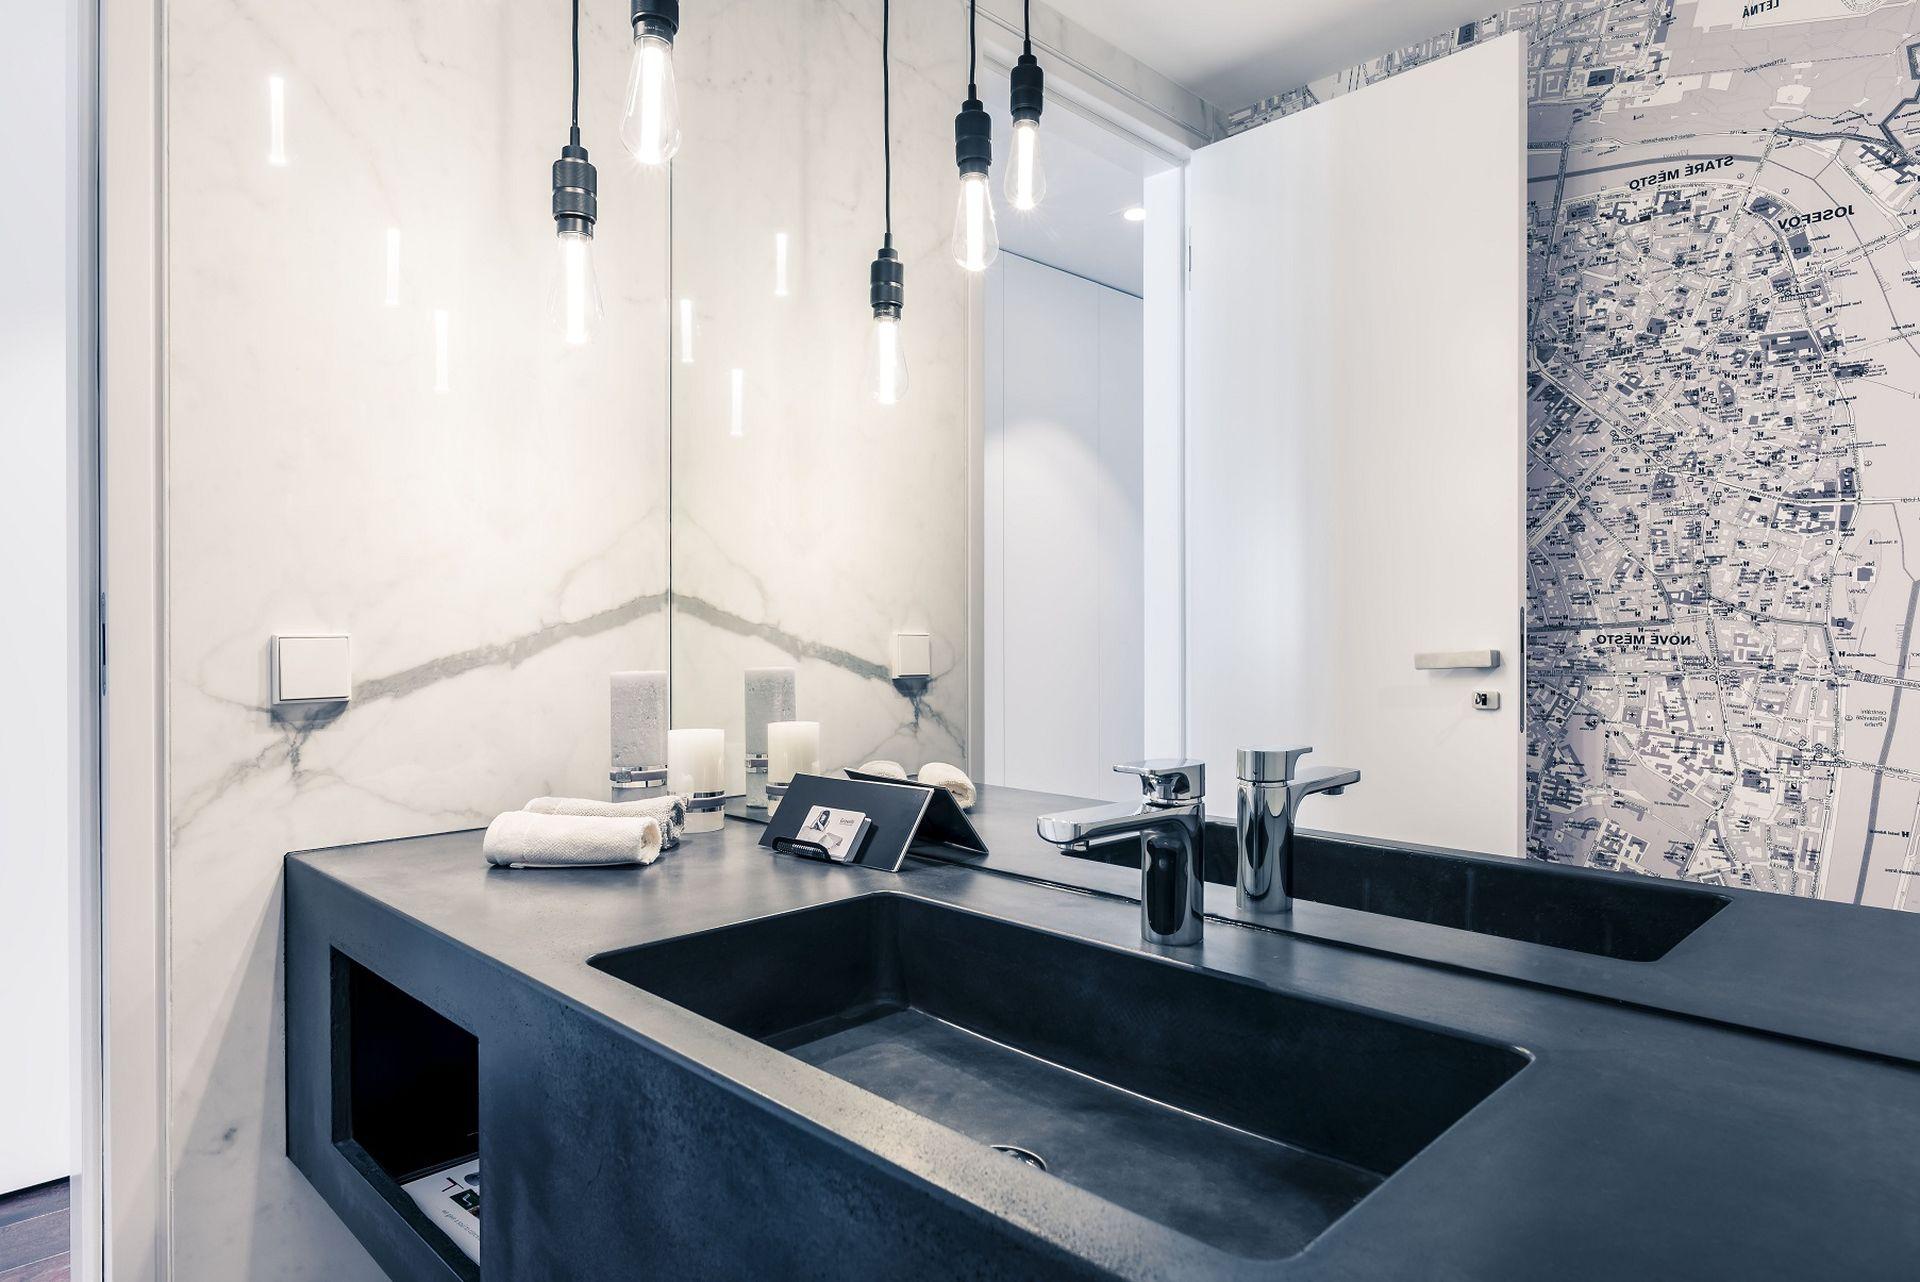 Musterloft, Badezimmer, Sacre Courte 2, SATPO